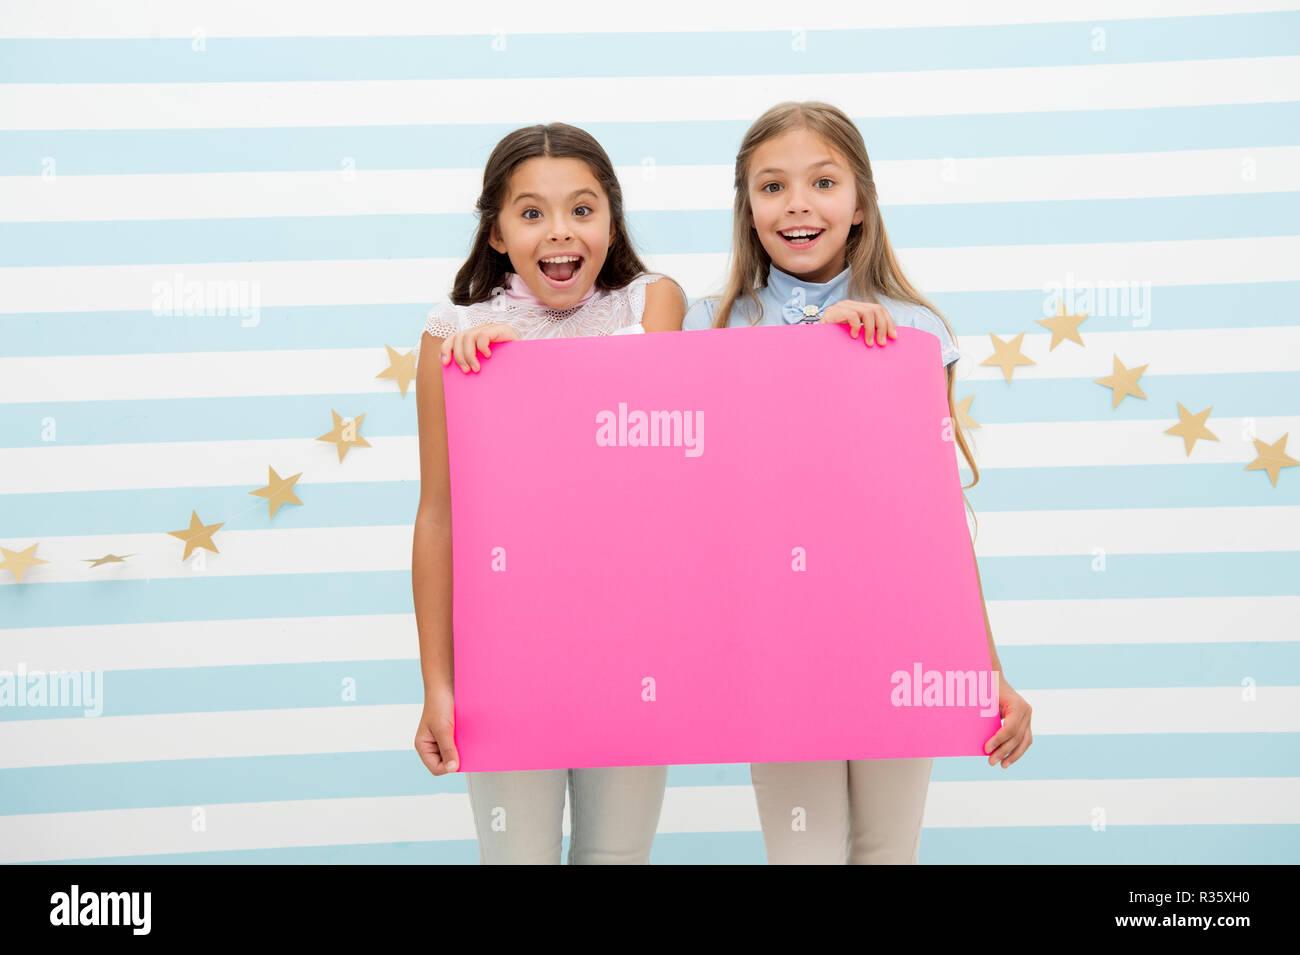 Increíble noticia sorprendente. Chica mantenga anuncio banner. Las niñas niños sosteniendo pancartas de papel para el anuncio. Los niños felices con el papel en blanco el espacio de copia de anuncio. Concepto de anuncio para niños. Imagen De Stock